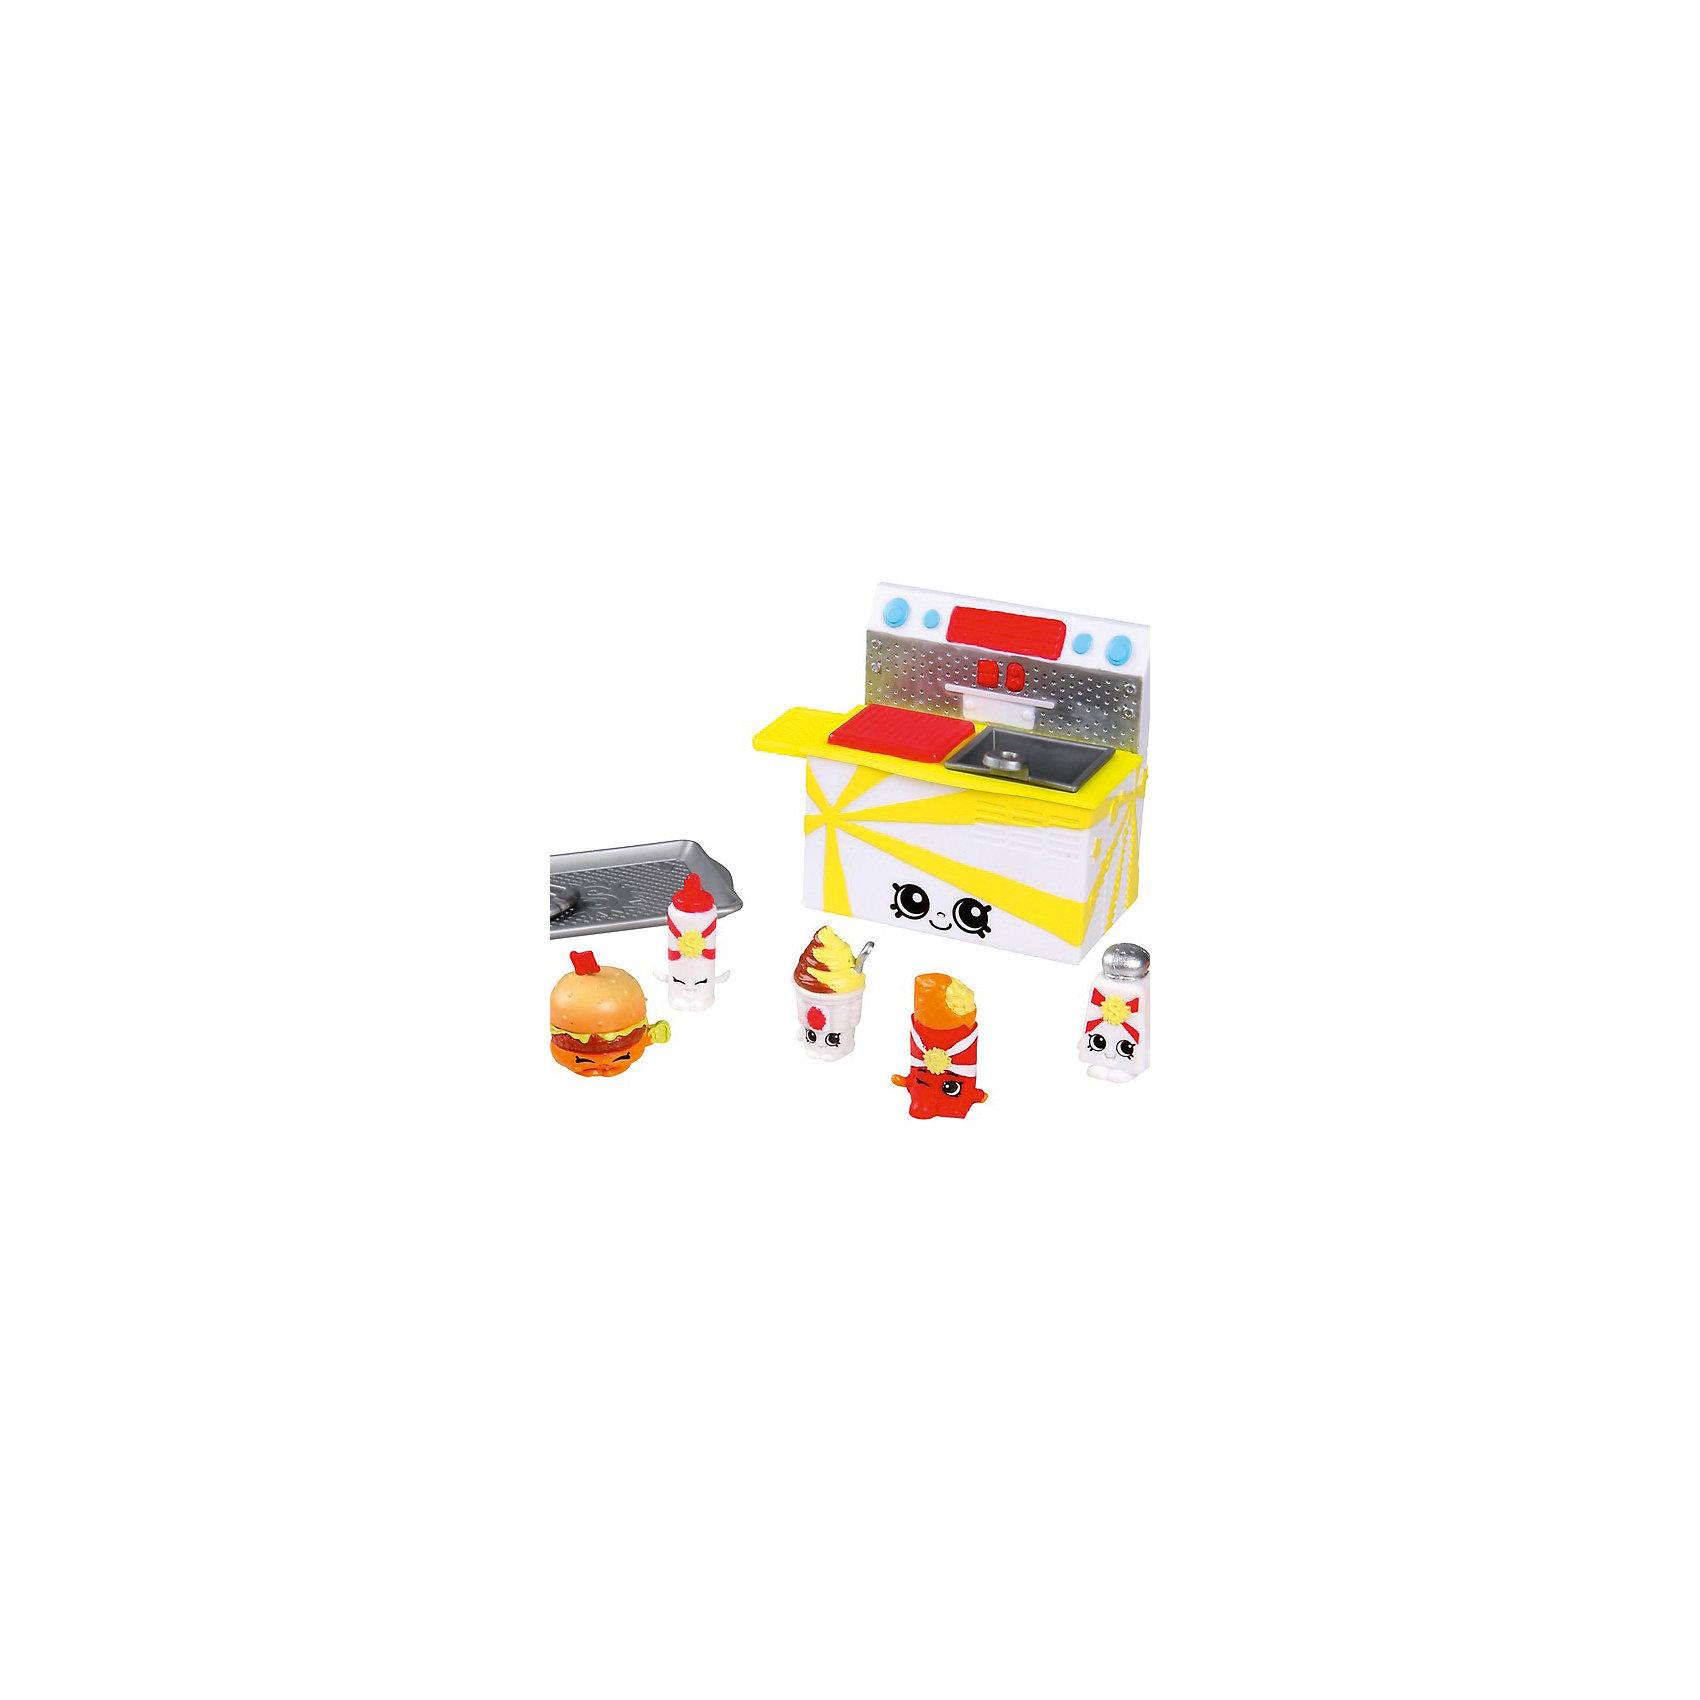 Moose Игровой набор Вкусная ярмарка: Фастфуд, Shopkins игровые наборы shopkins игровой набор веселая кухня